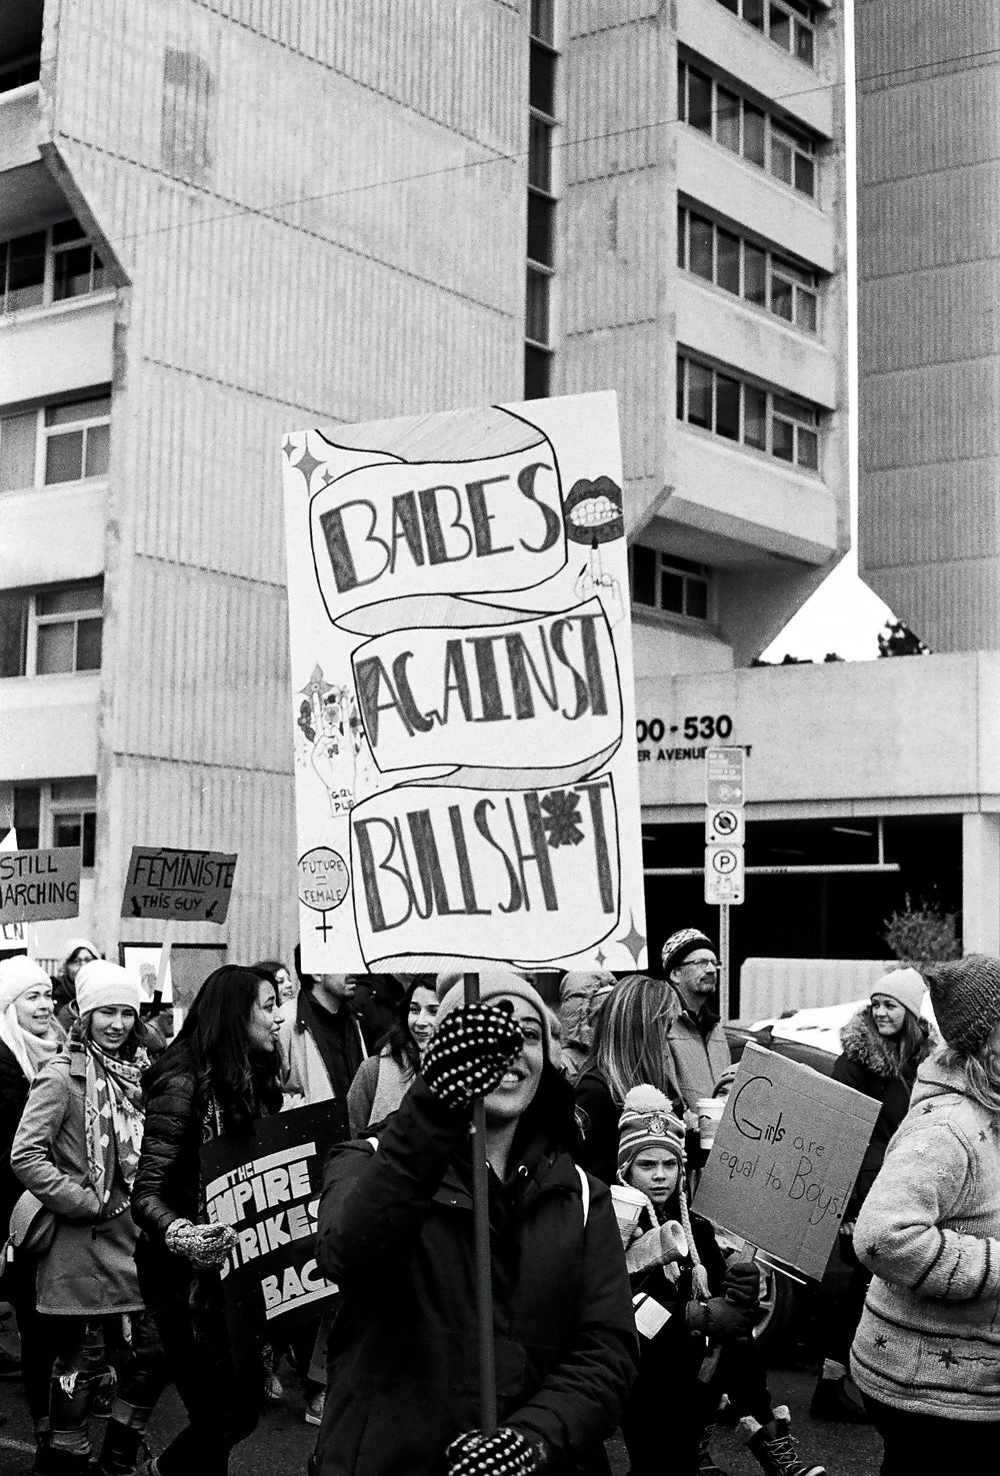 Image of Babes Against Bullshit